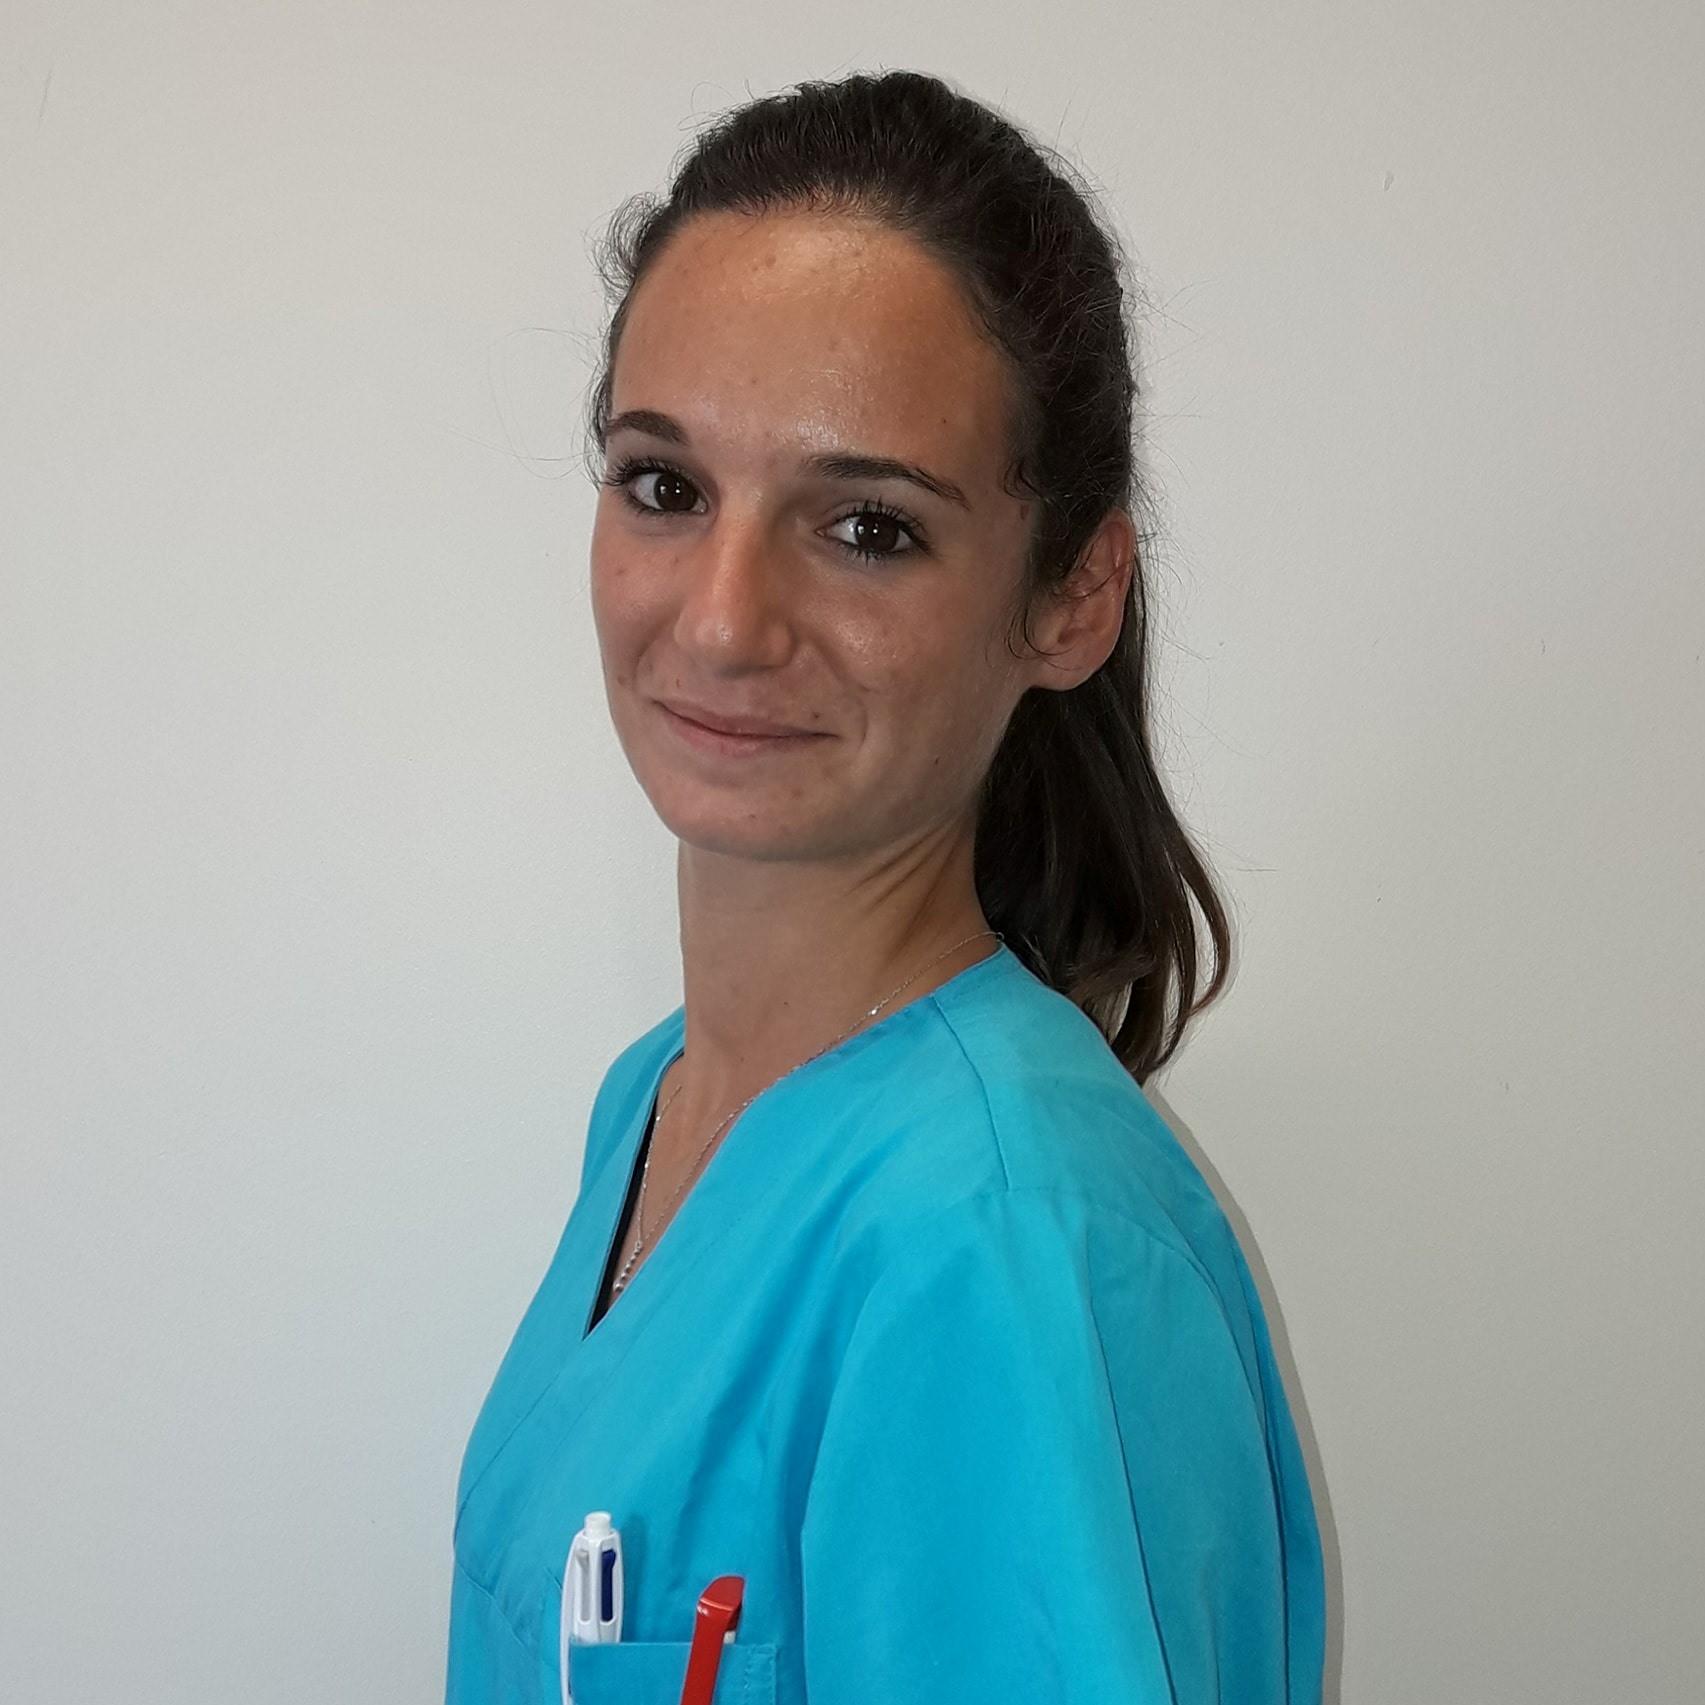 Dr Camille Sandor